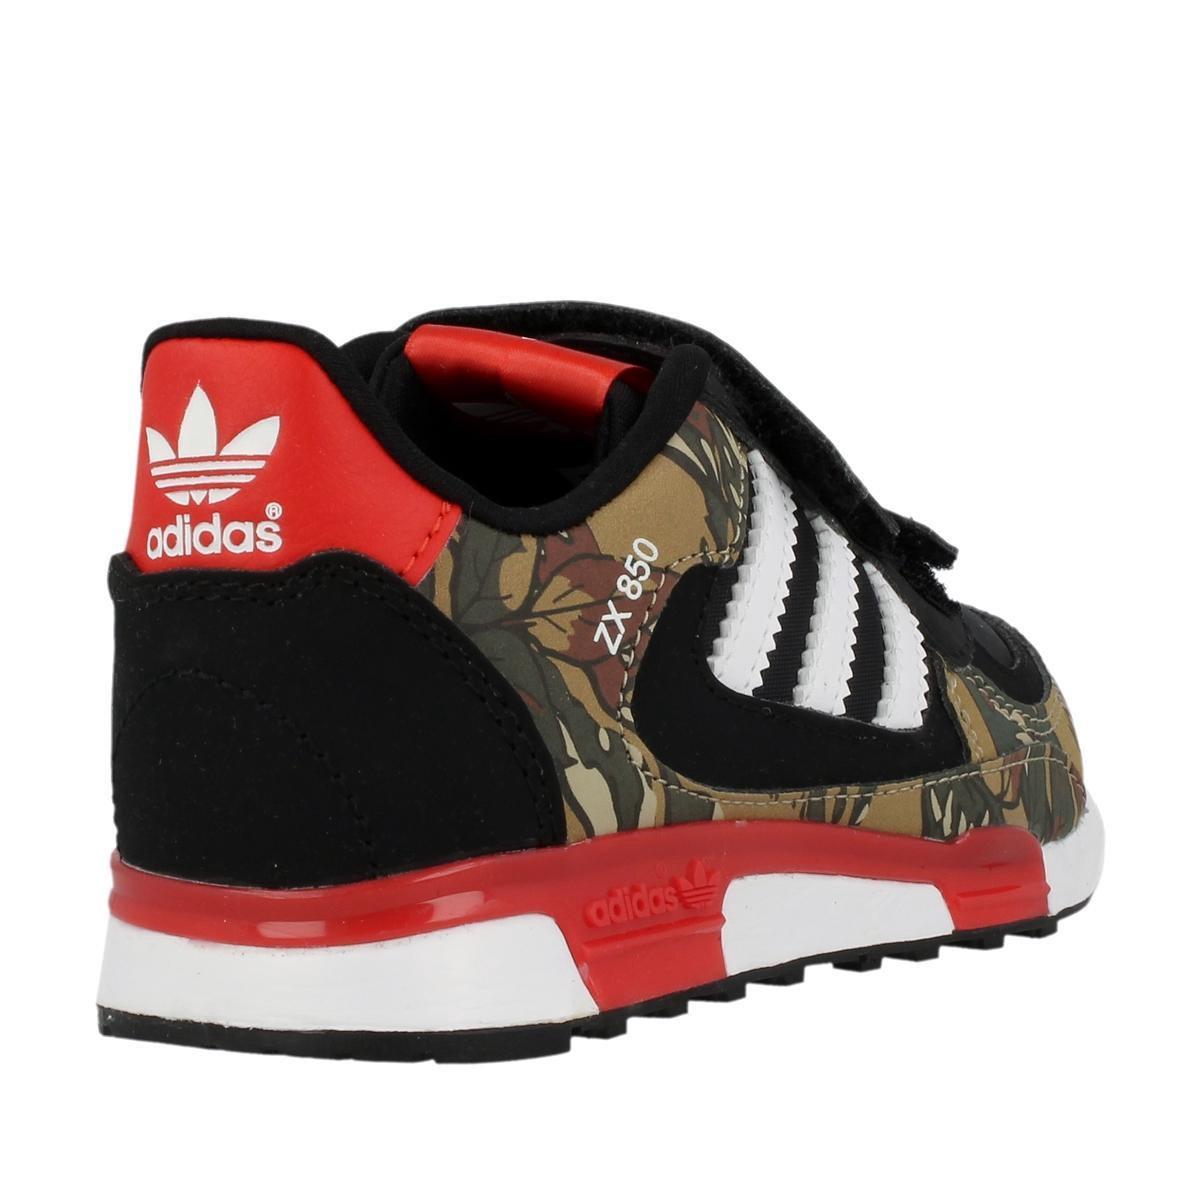 adidas zx 850 groen